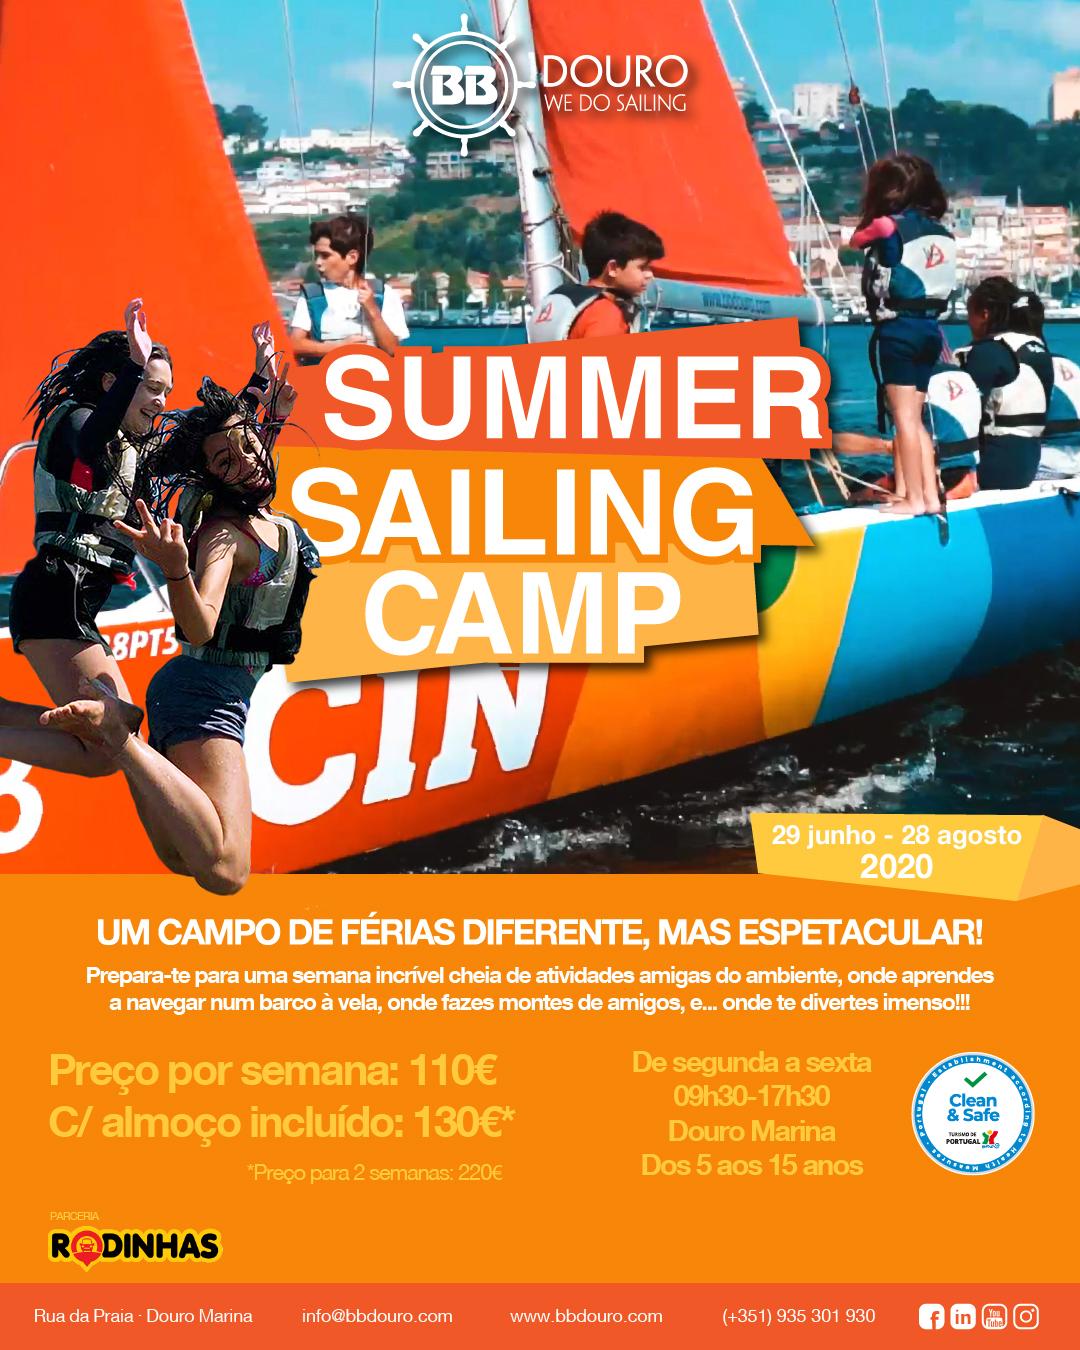 Summer Sailing Camp 2020 | Campos de Férias Porto | BBDouro - We do Sailing